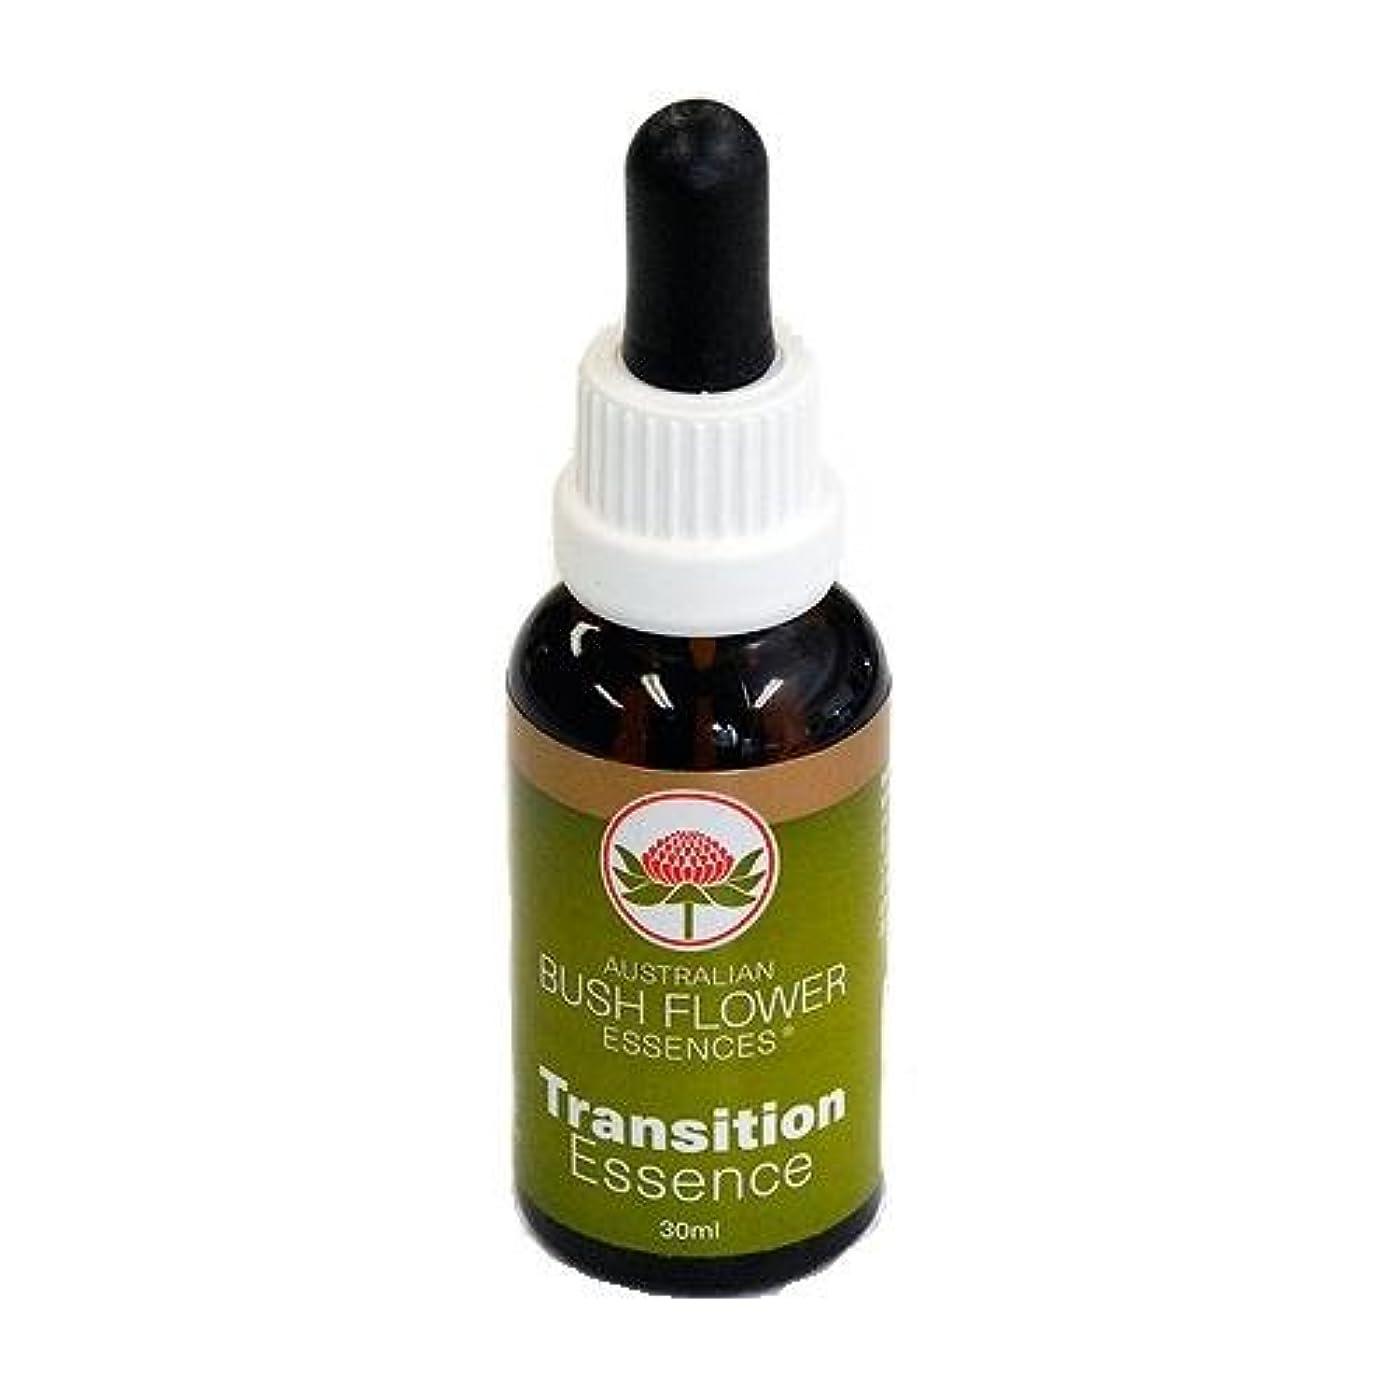 香り農場アブセイオーストラリアンブッシュ トランジション 30ml コンビネーション フラワーエッセンス 日本国内正規品